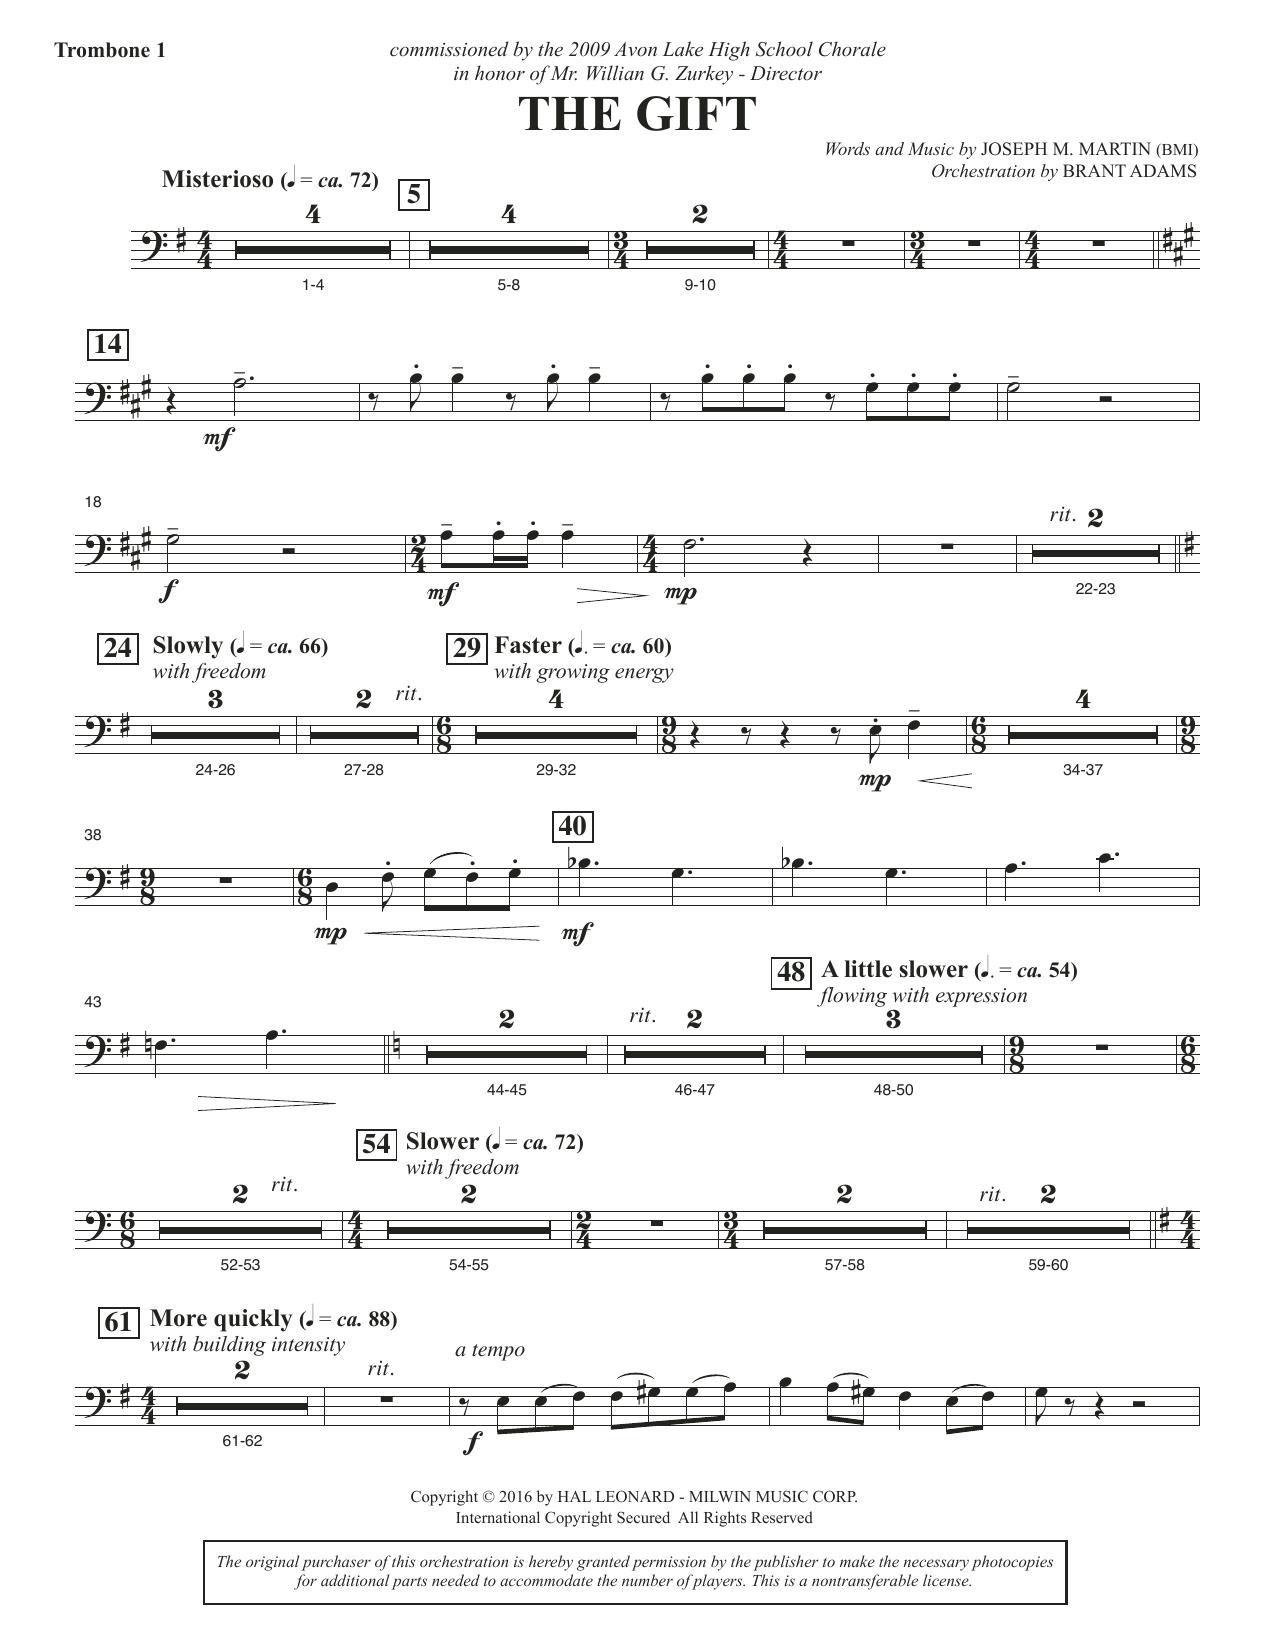 The Gift - Trombone 1